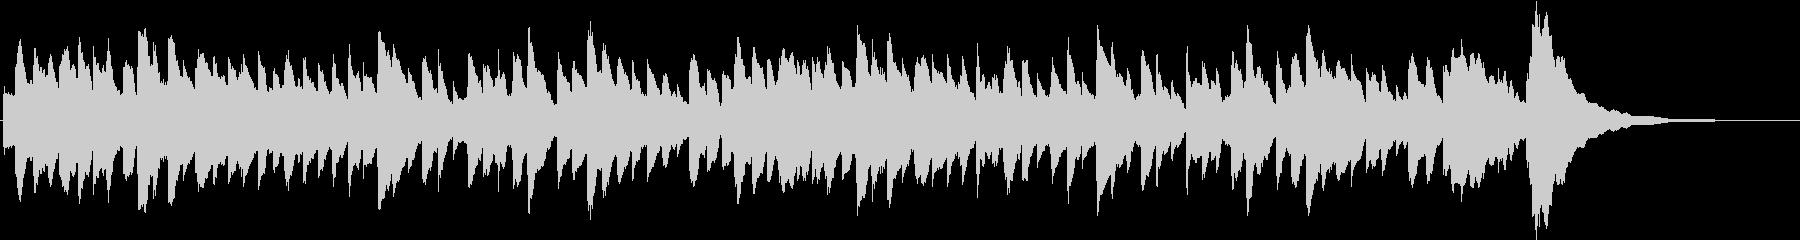 幻想的なチェレスタの未再生の波形